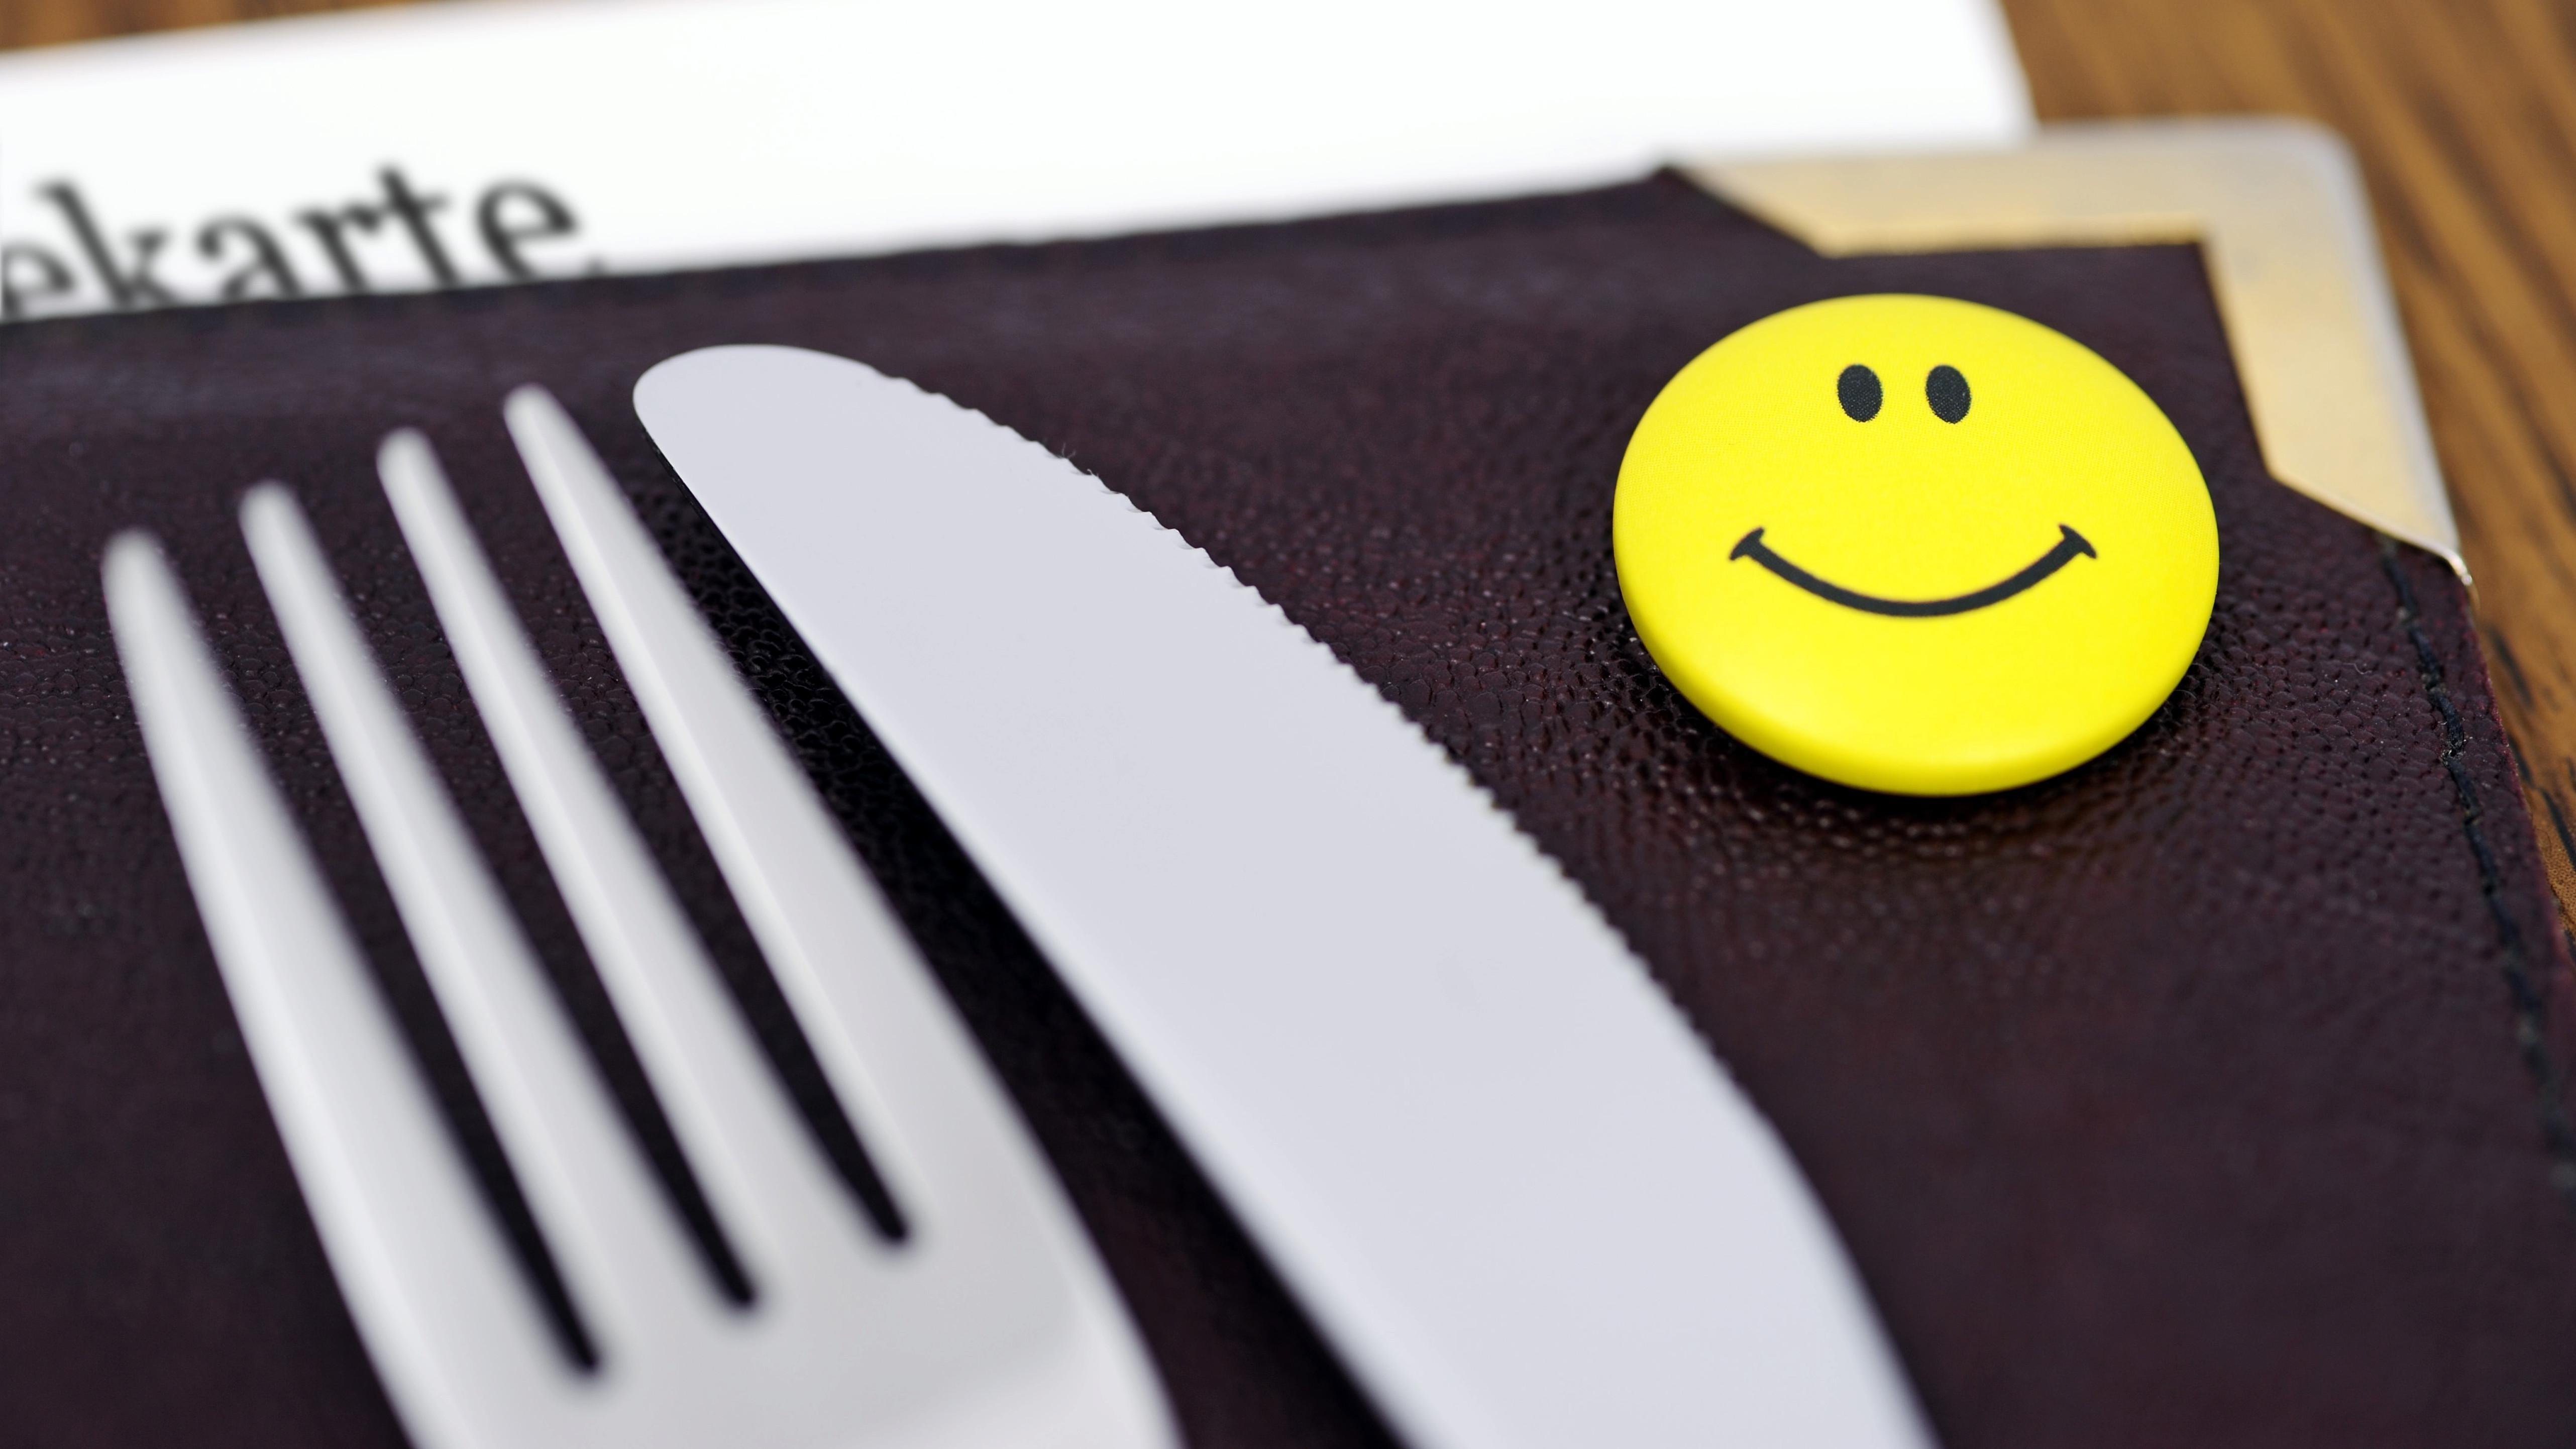 Besteck und Smiley (Symbolbild)